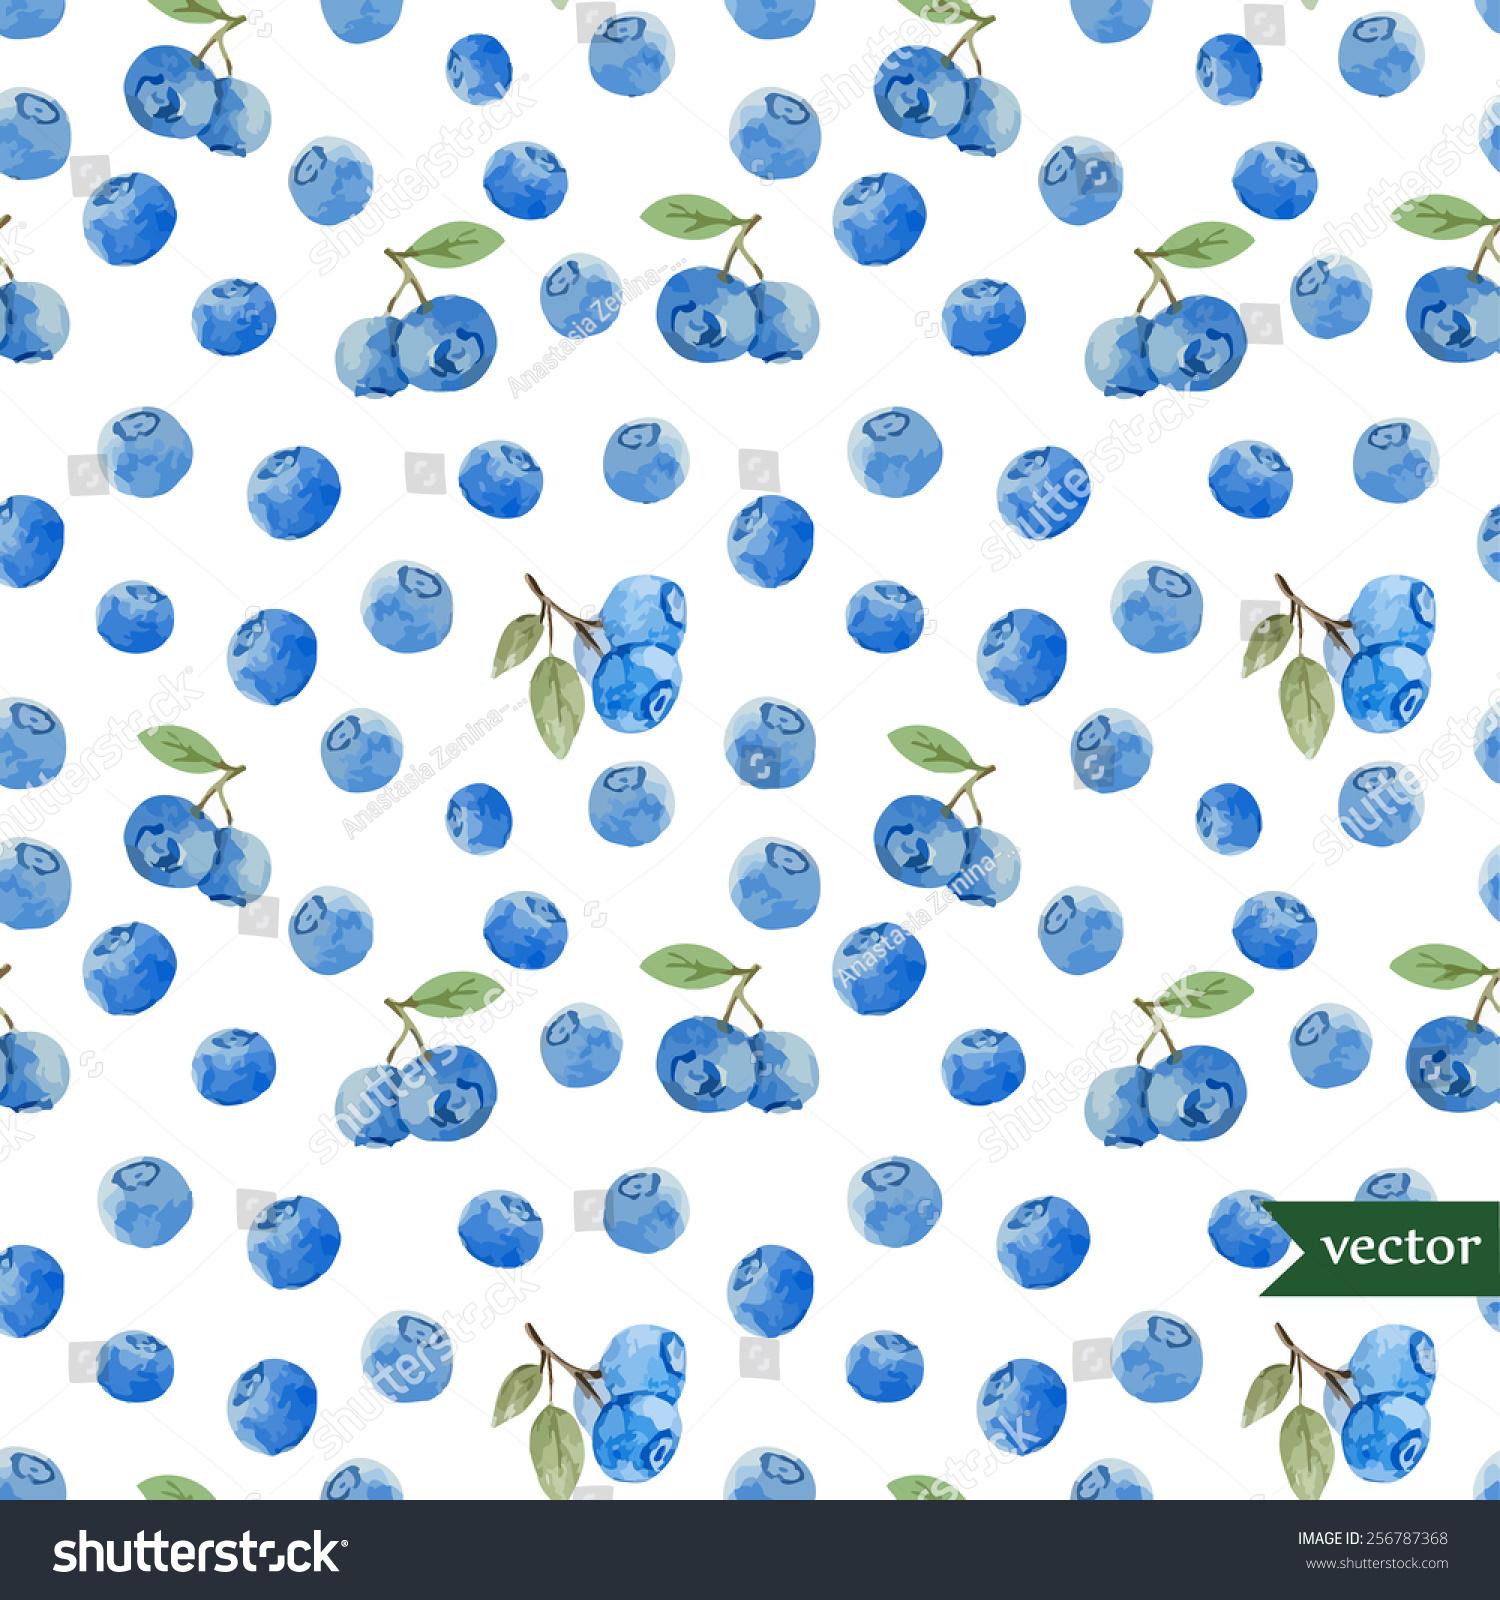 水彩,蓝莓,浆果,图案,背景-背景/素材,自然-海洛创意